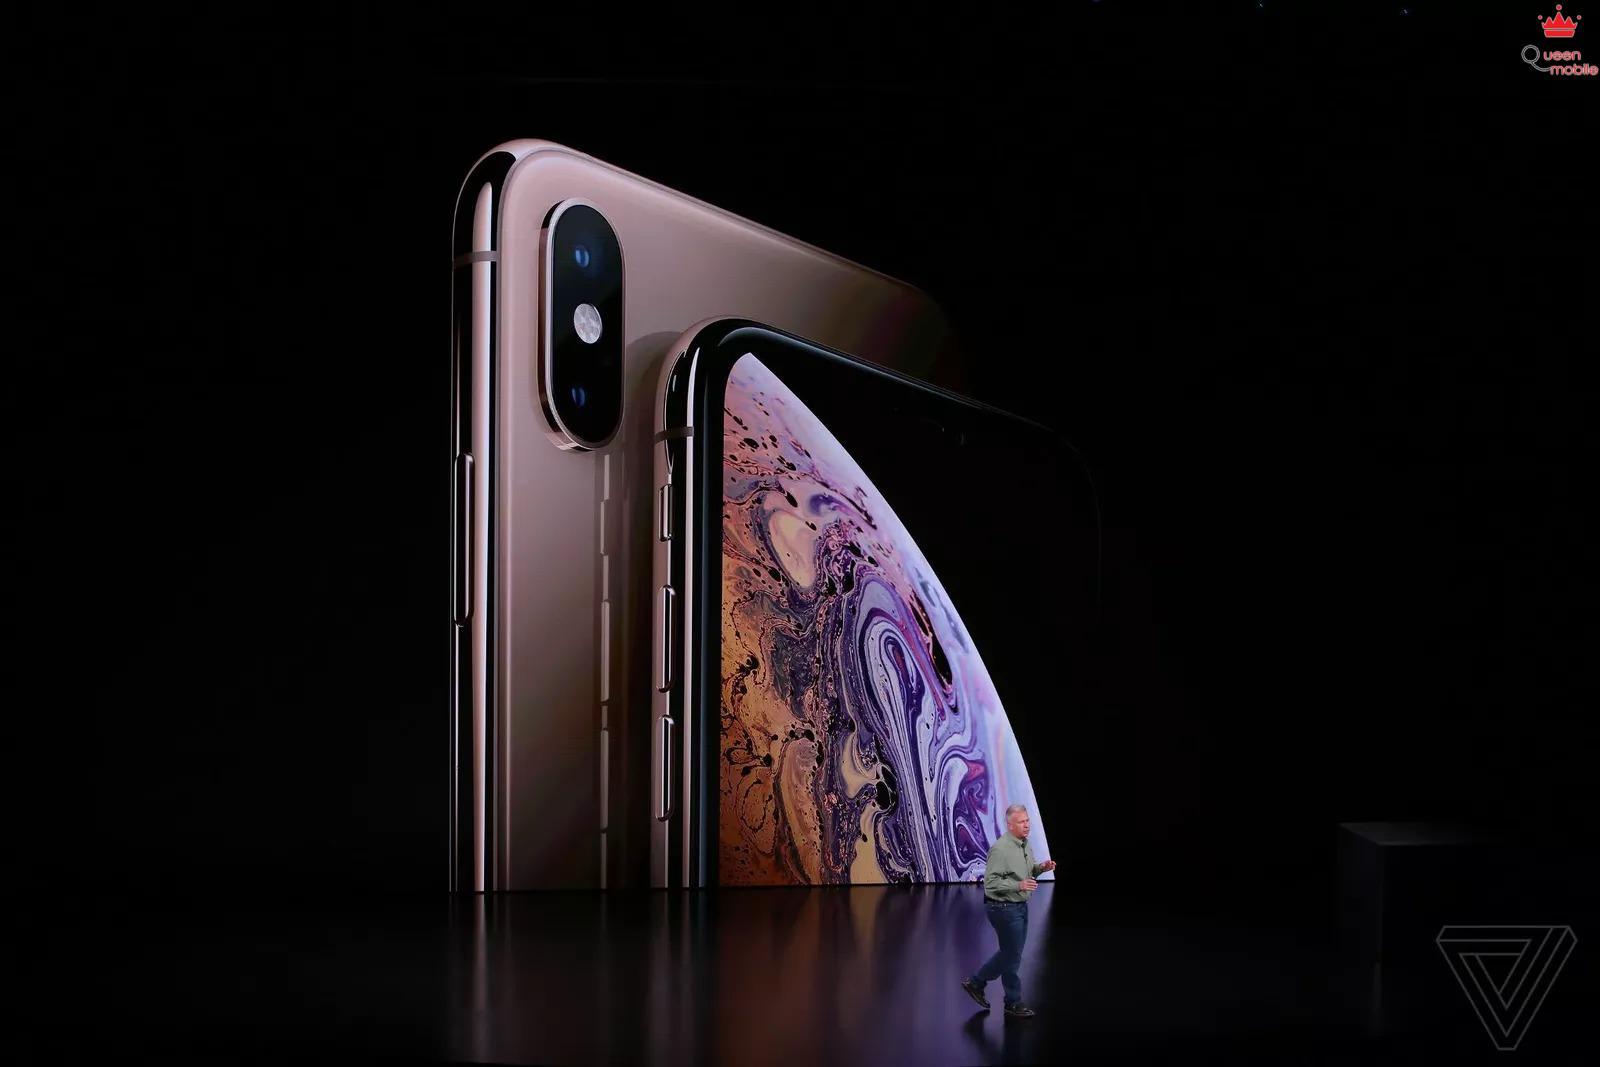 Sforum - Trang thông tin công nghệ mới nhất apple_iphone_2018_event_theverge Apple giới thiệu iPhone XS và iPhone XS Max: Hỗ trợ 2 SIM, chip A12 Bionic, chống nước IP68, bộ nhớ 512GB, màu vàng mới, giá từ 999 USD